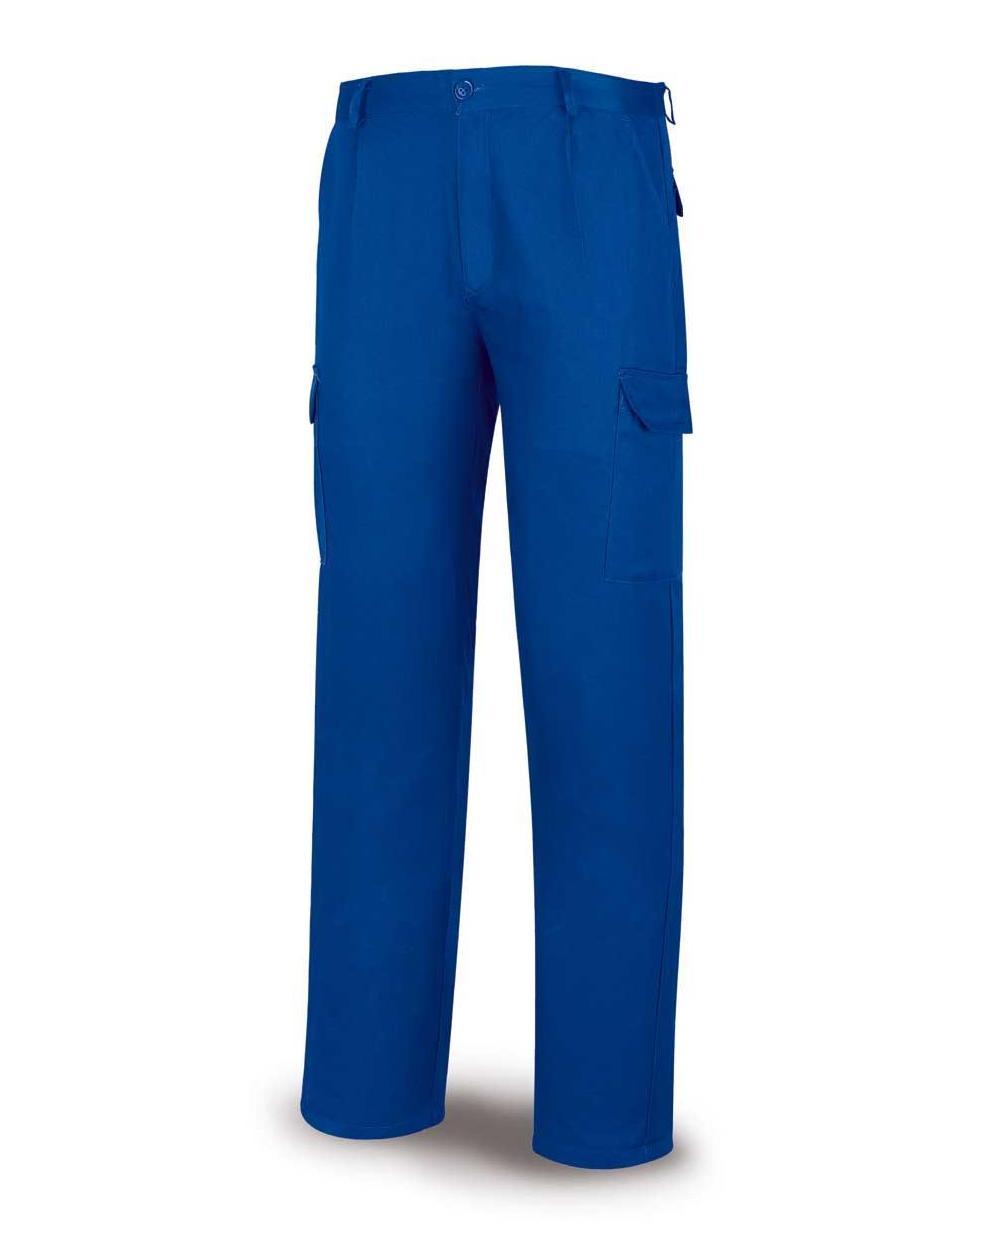 Comprar Pantalón Tergal Azulina 388-P barato